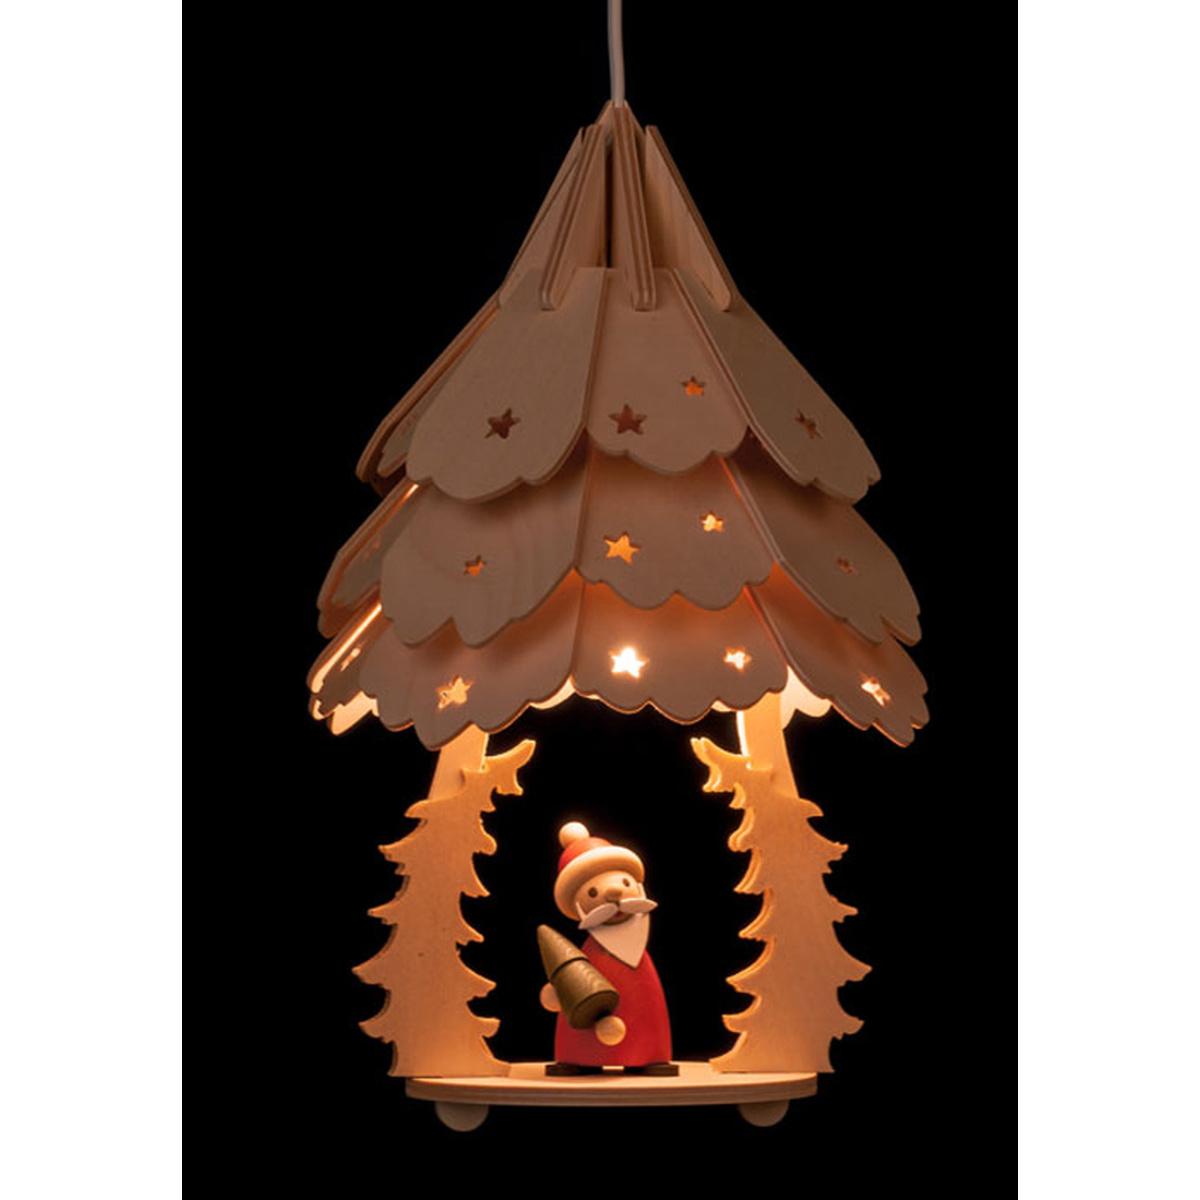 laterne weihnachtsmann mit baum von holzmanufaktur erm f r. Black Bedroom Furniture Sets. Home Design Ideas